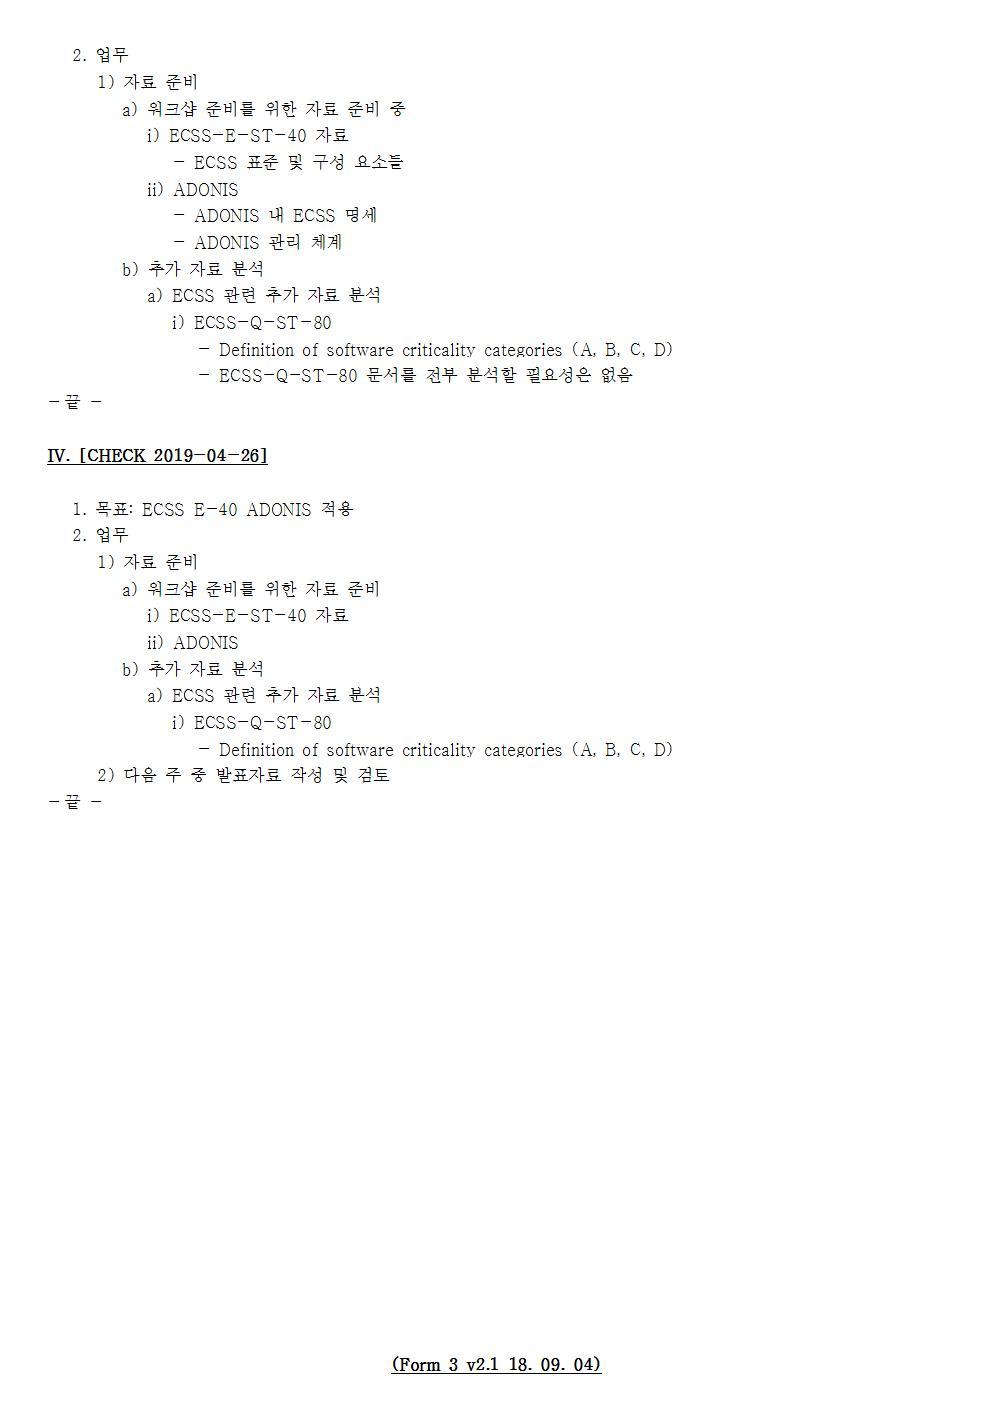 D-[19-004-RD-04]-[CMS]-[2019-04-26][YB]002.jpg